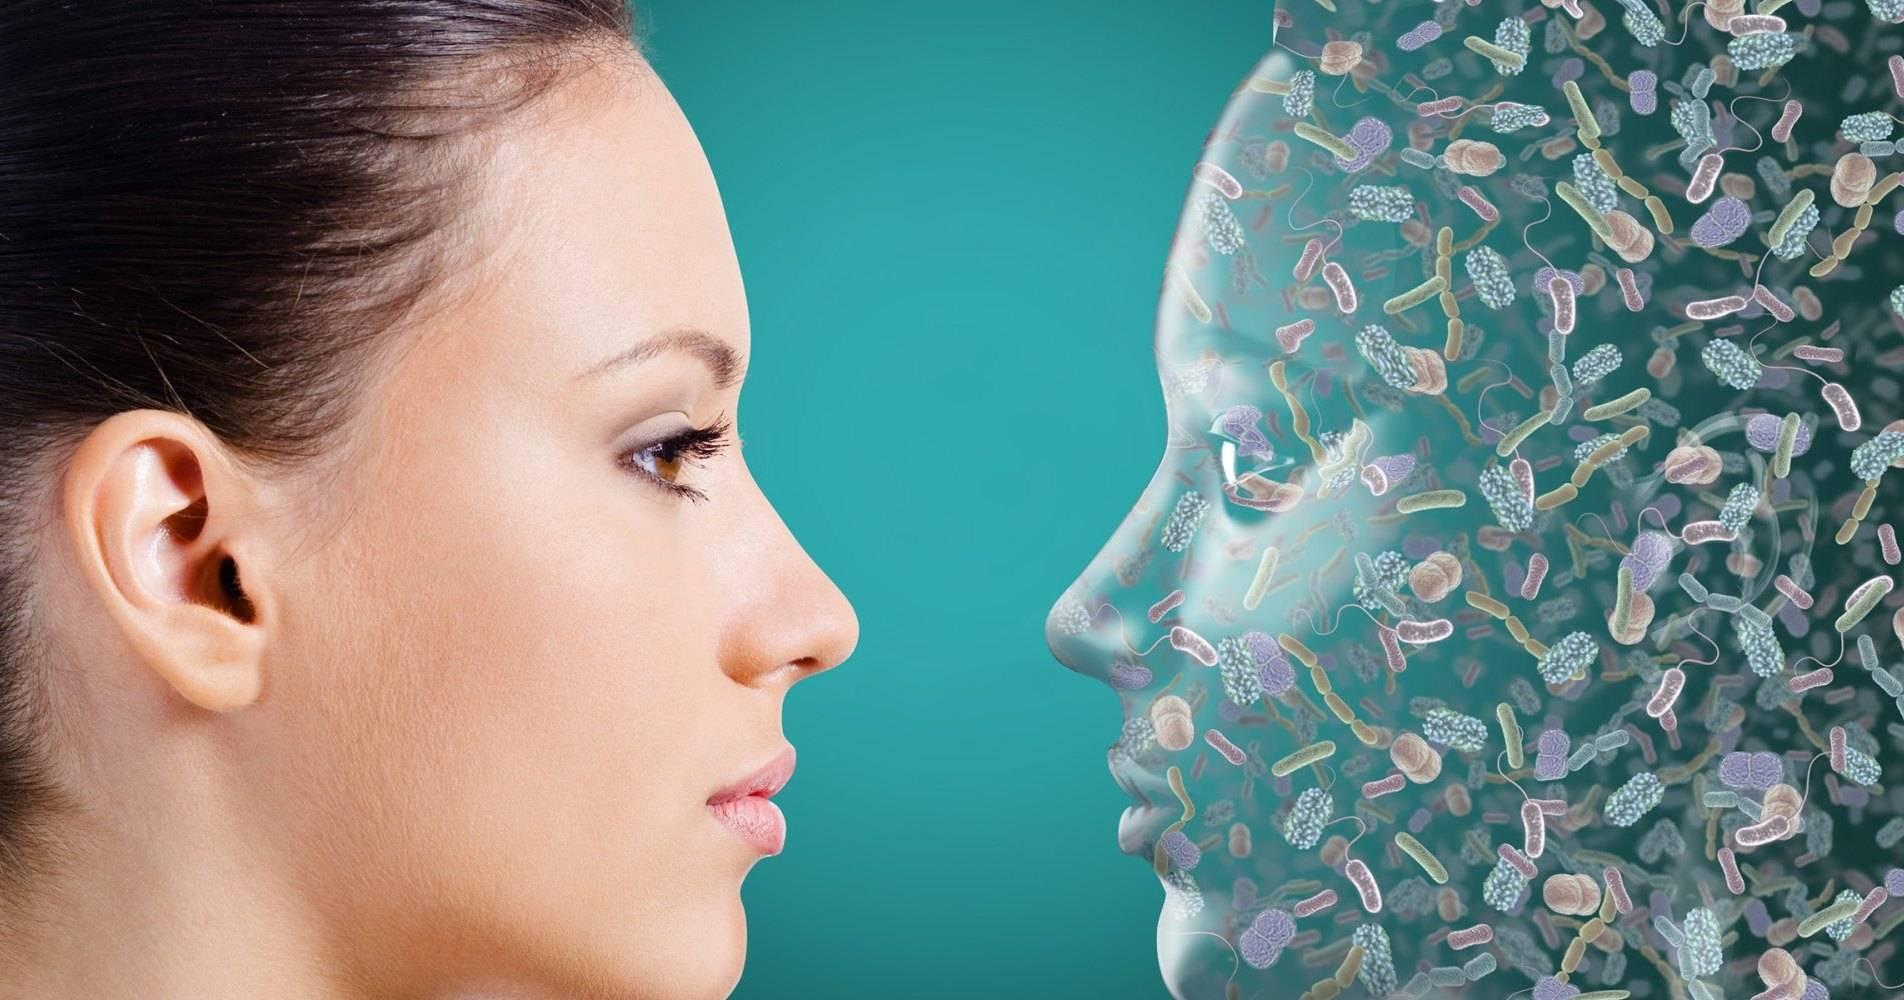 Роль микробиома человека